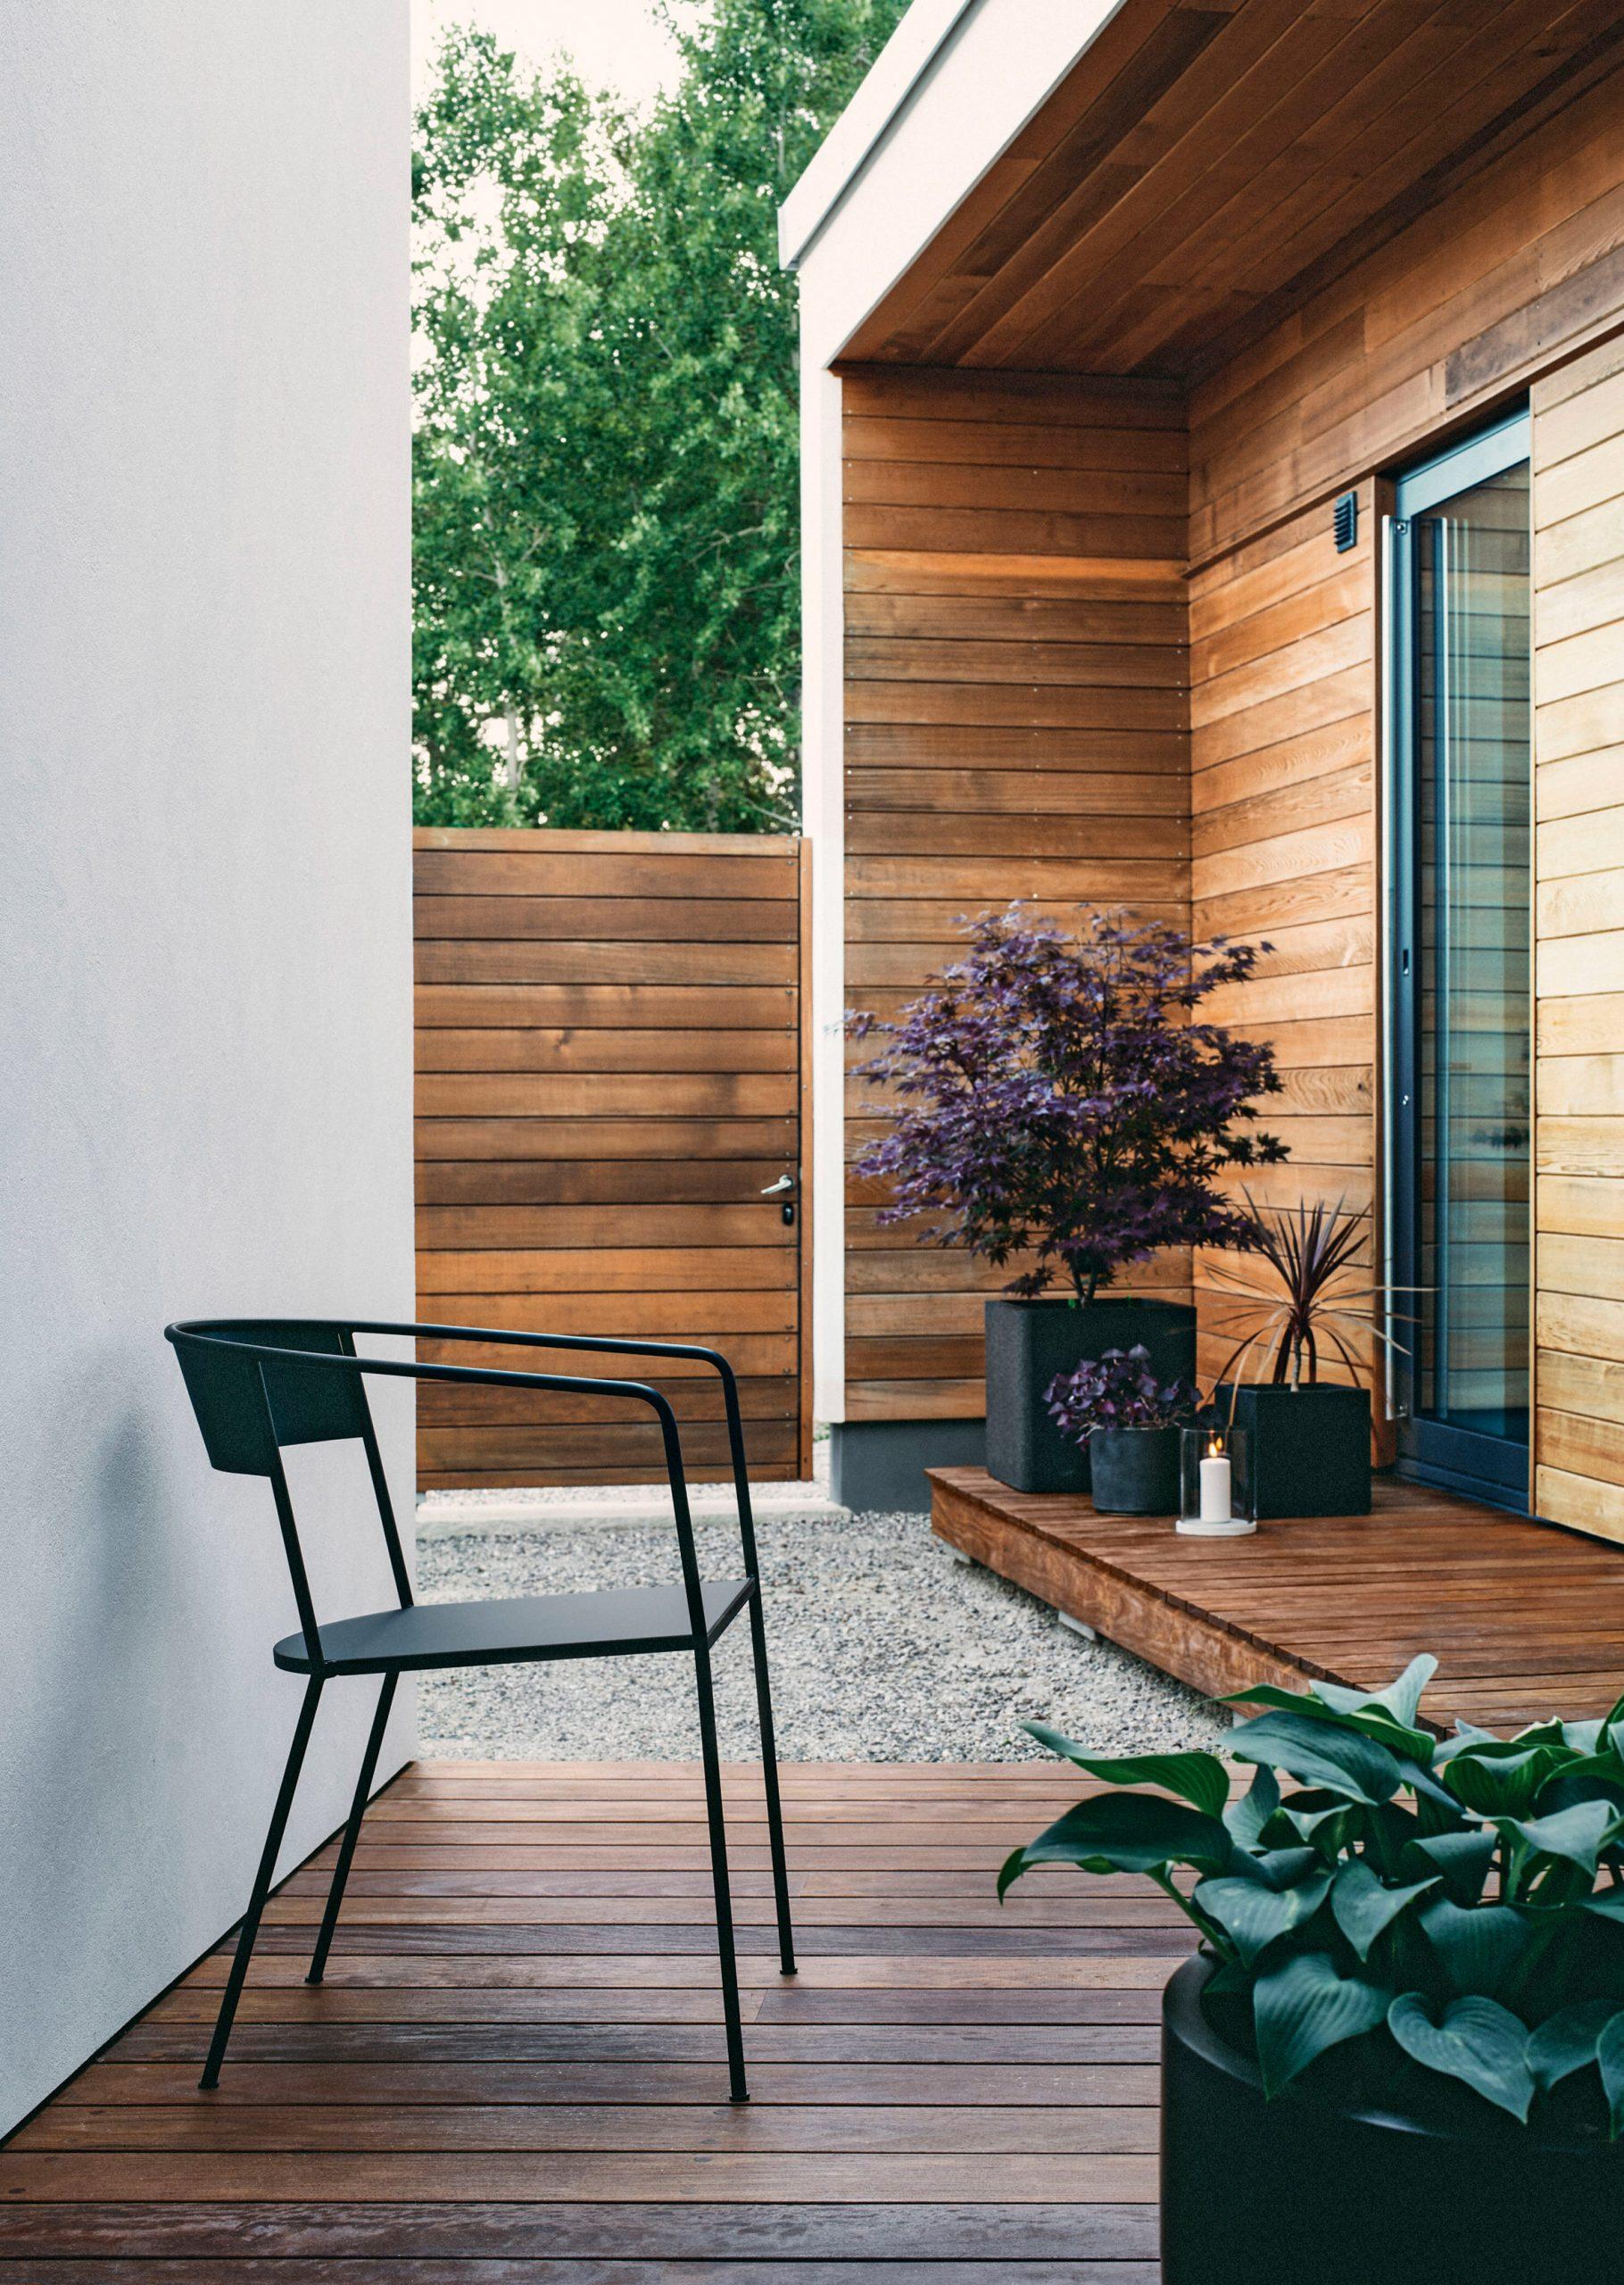 Arholma chair by Alexander Lervik for Skargaarden on a garden deck